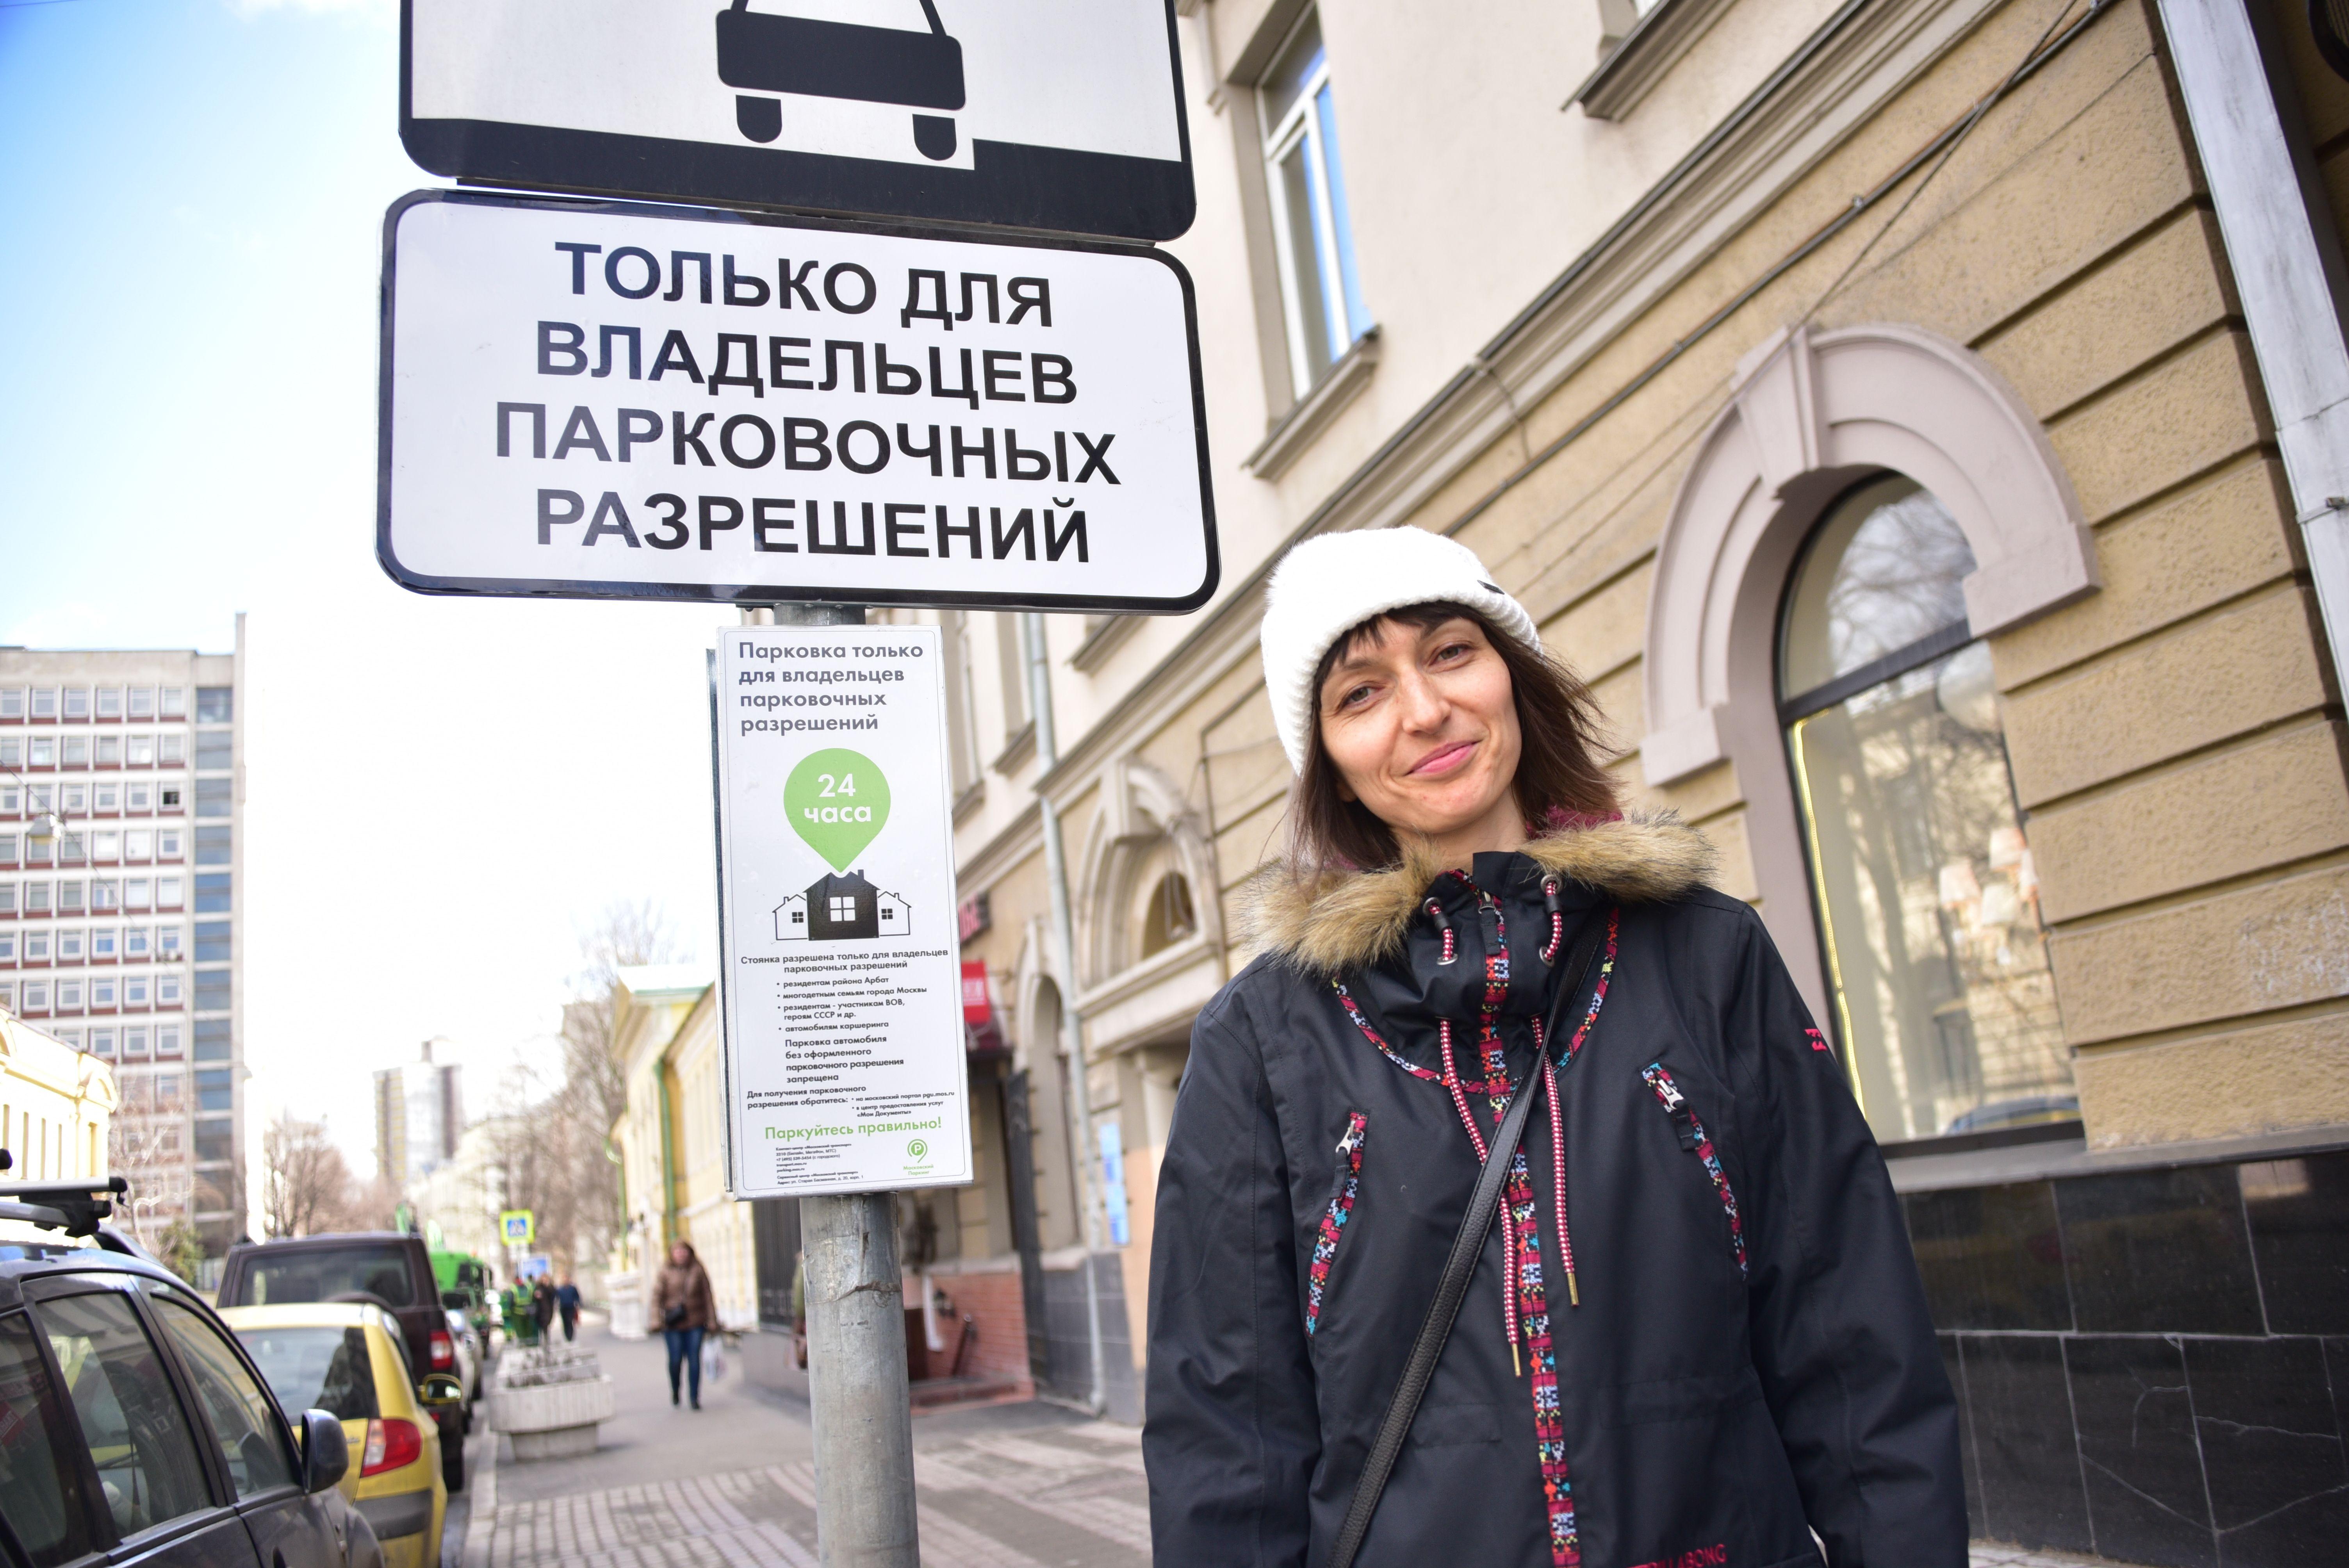 Москвичам продолжили рассылать СМС о продлении парковочных разрешений